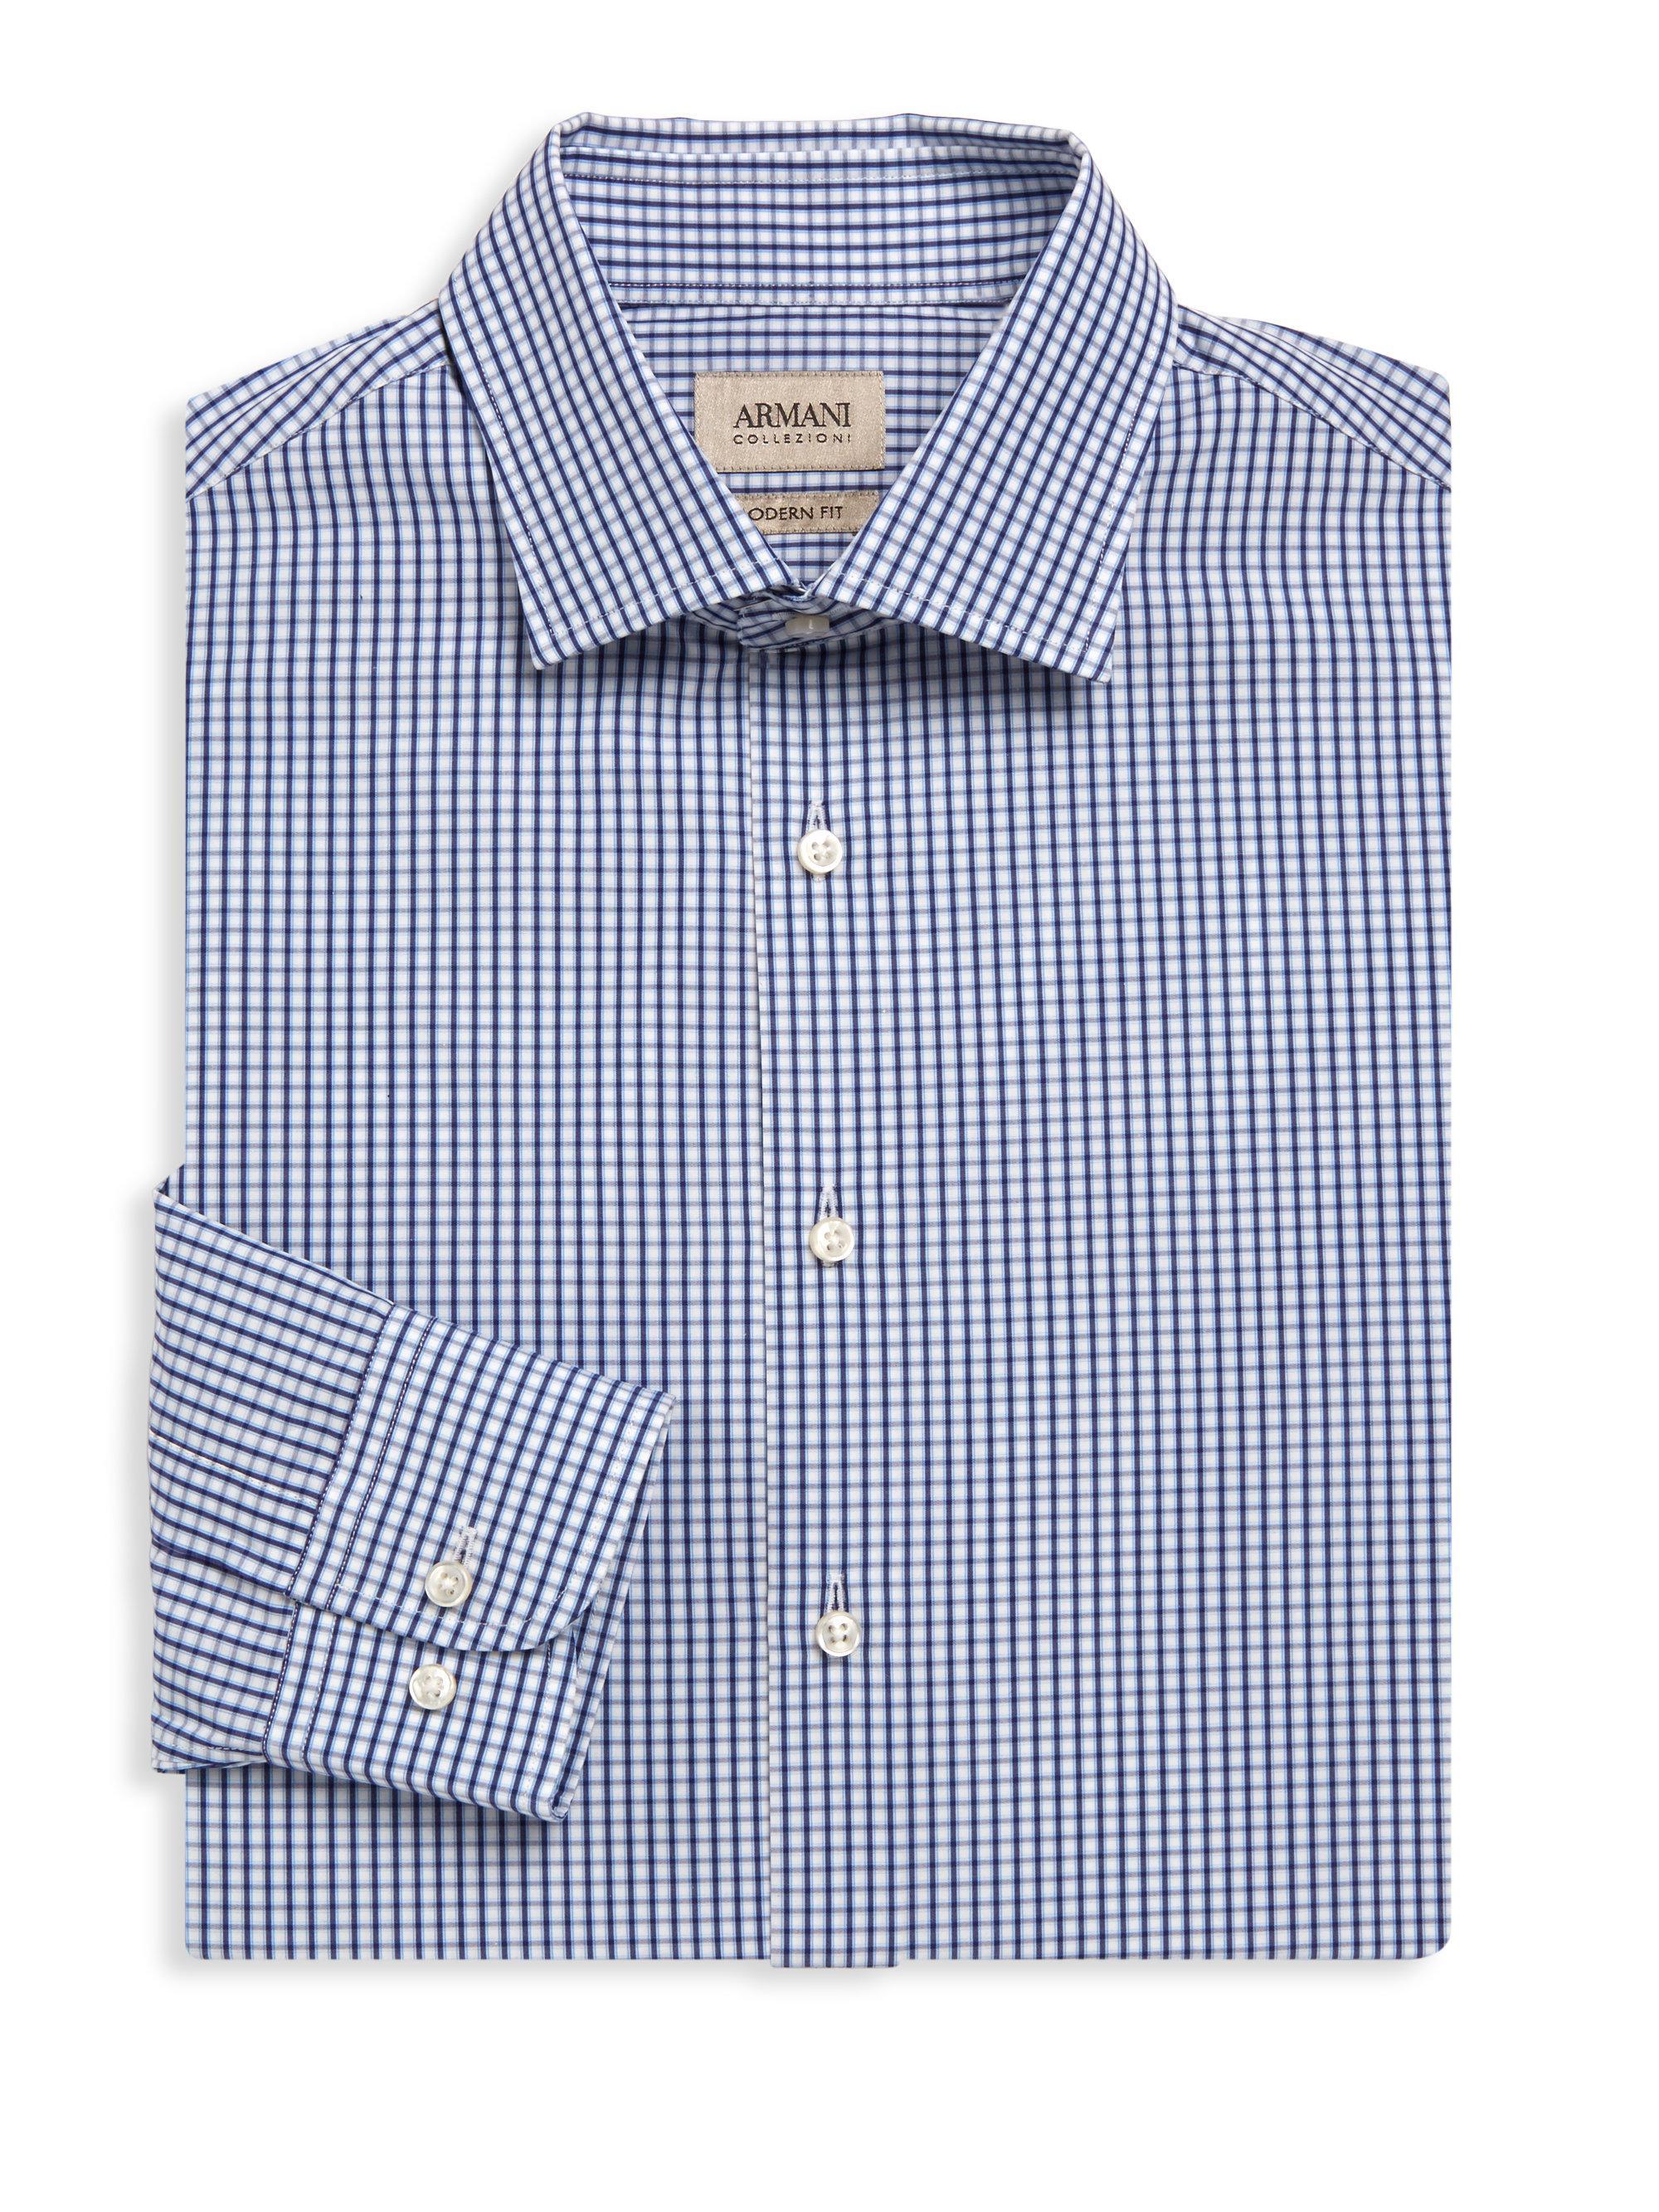 Lyst armani modern fit plaid dress shirt in blue for men for Modern fit dress shirt